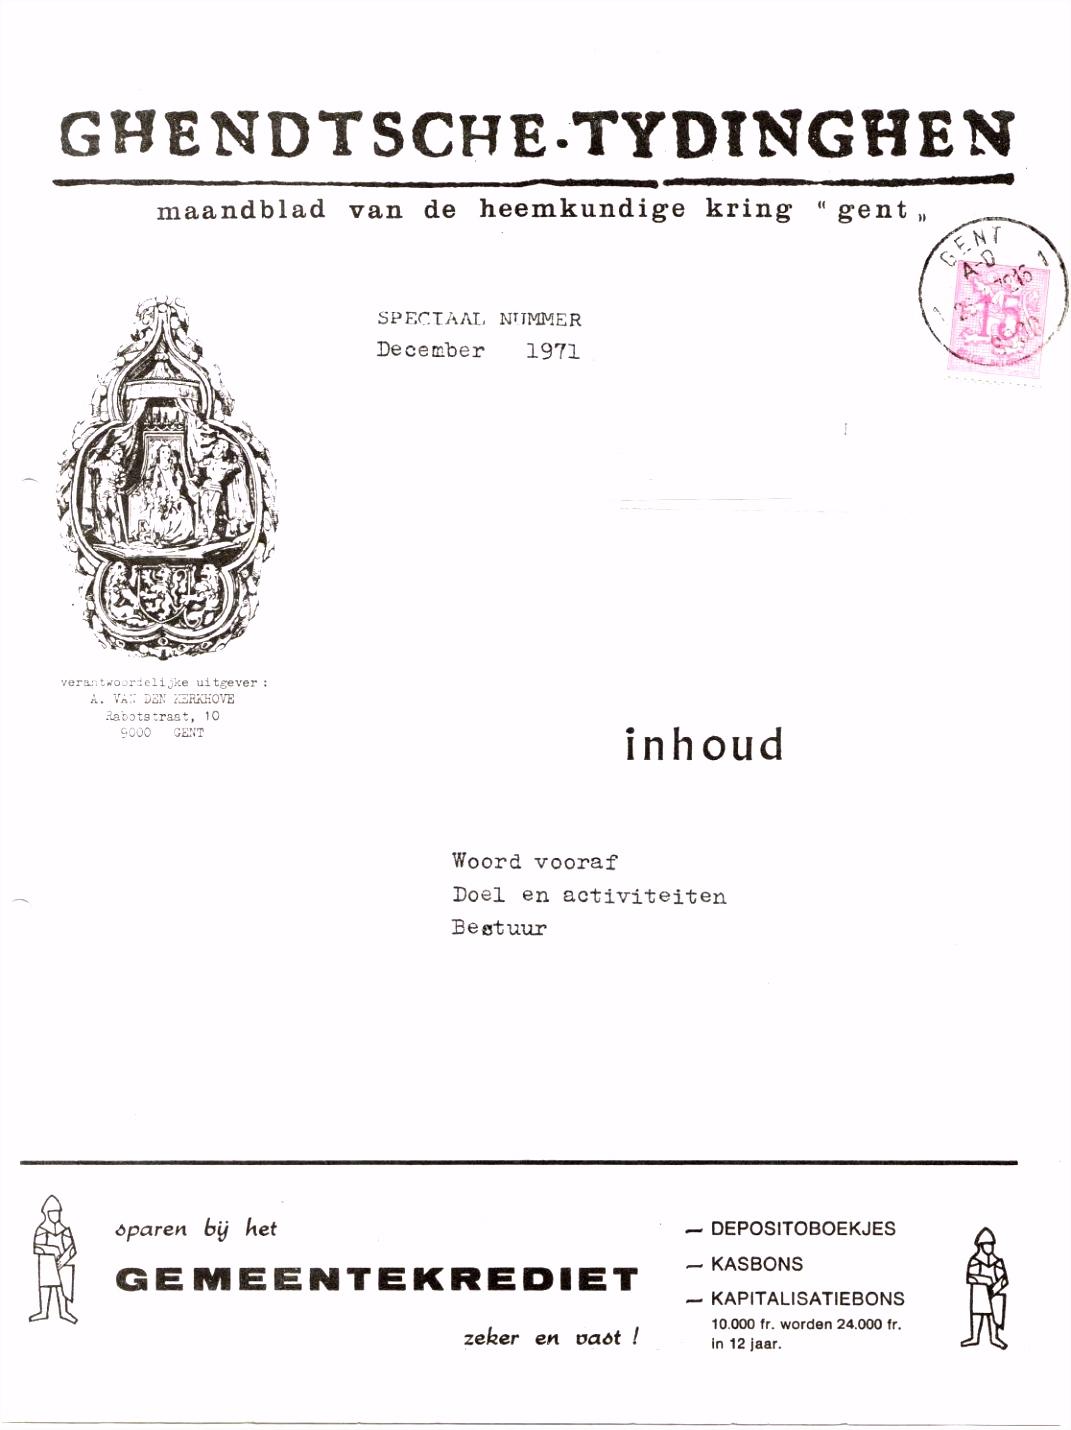 Draken Gerangschikt Naar Hun Leefomgeving Ghendtsche Tydinghen 1972 Ehc 1972 by Davy Goedertier issuu Y3ox34sxv9 C6qy5hnxn5